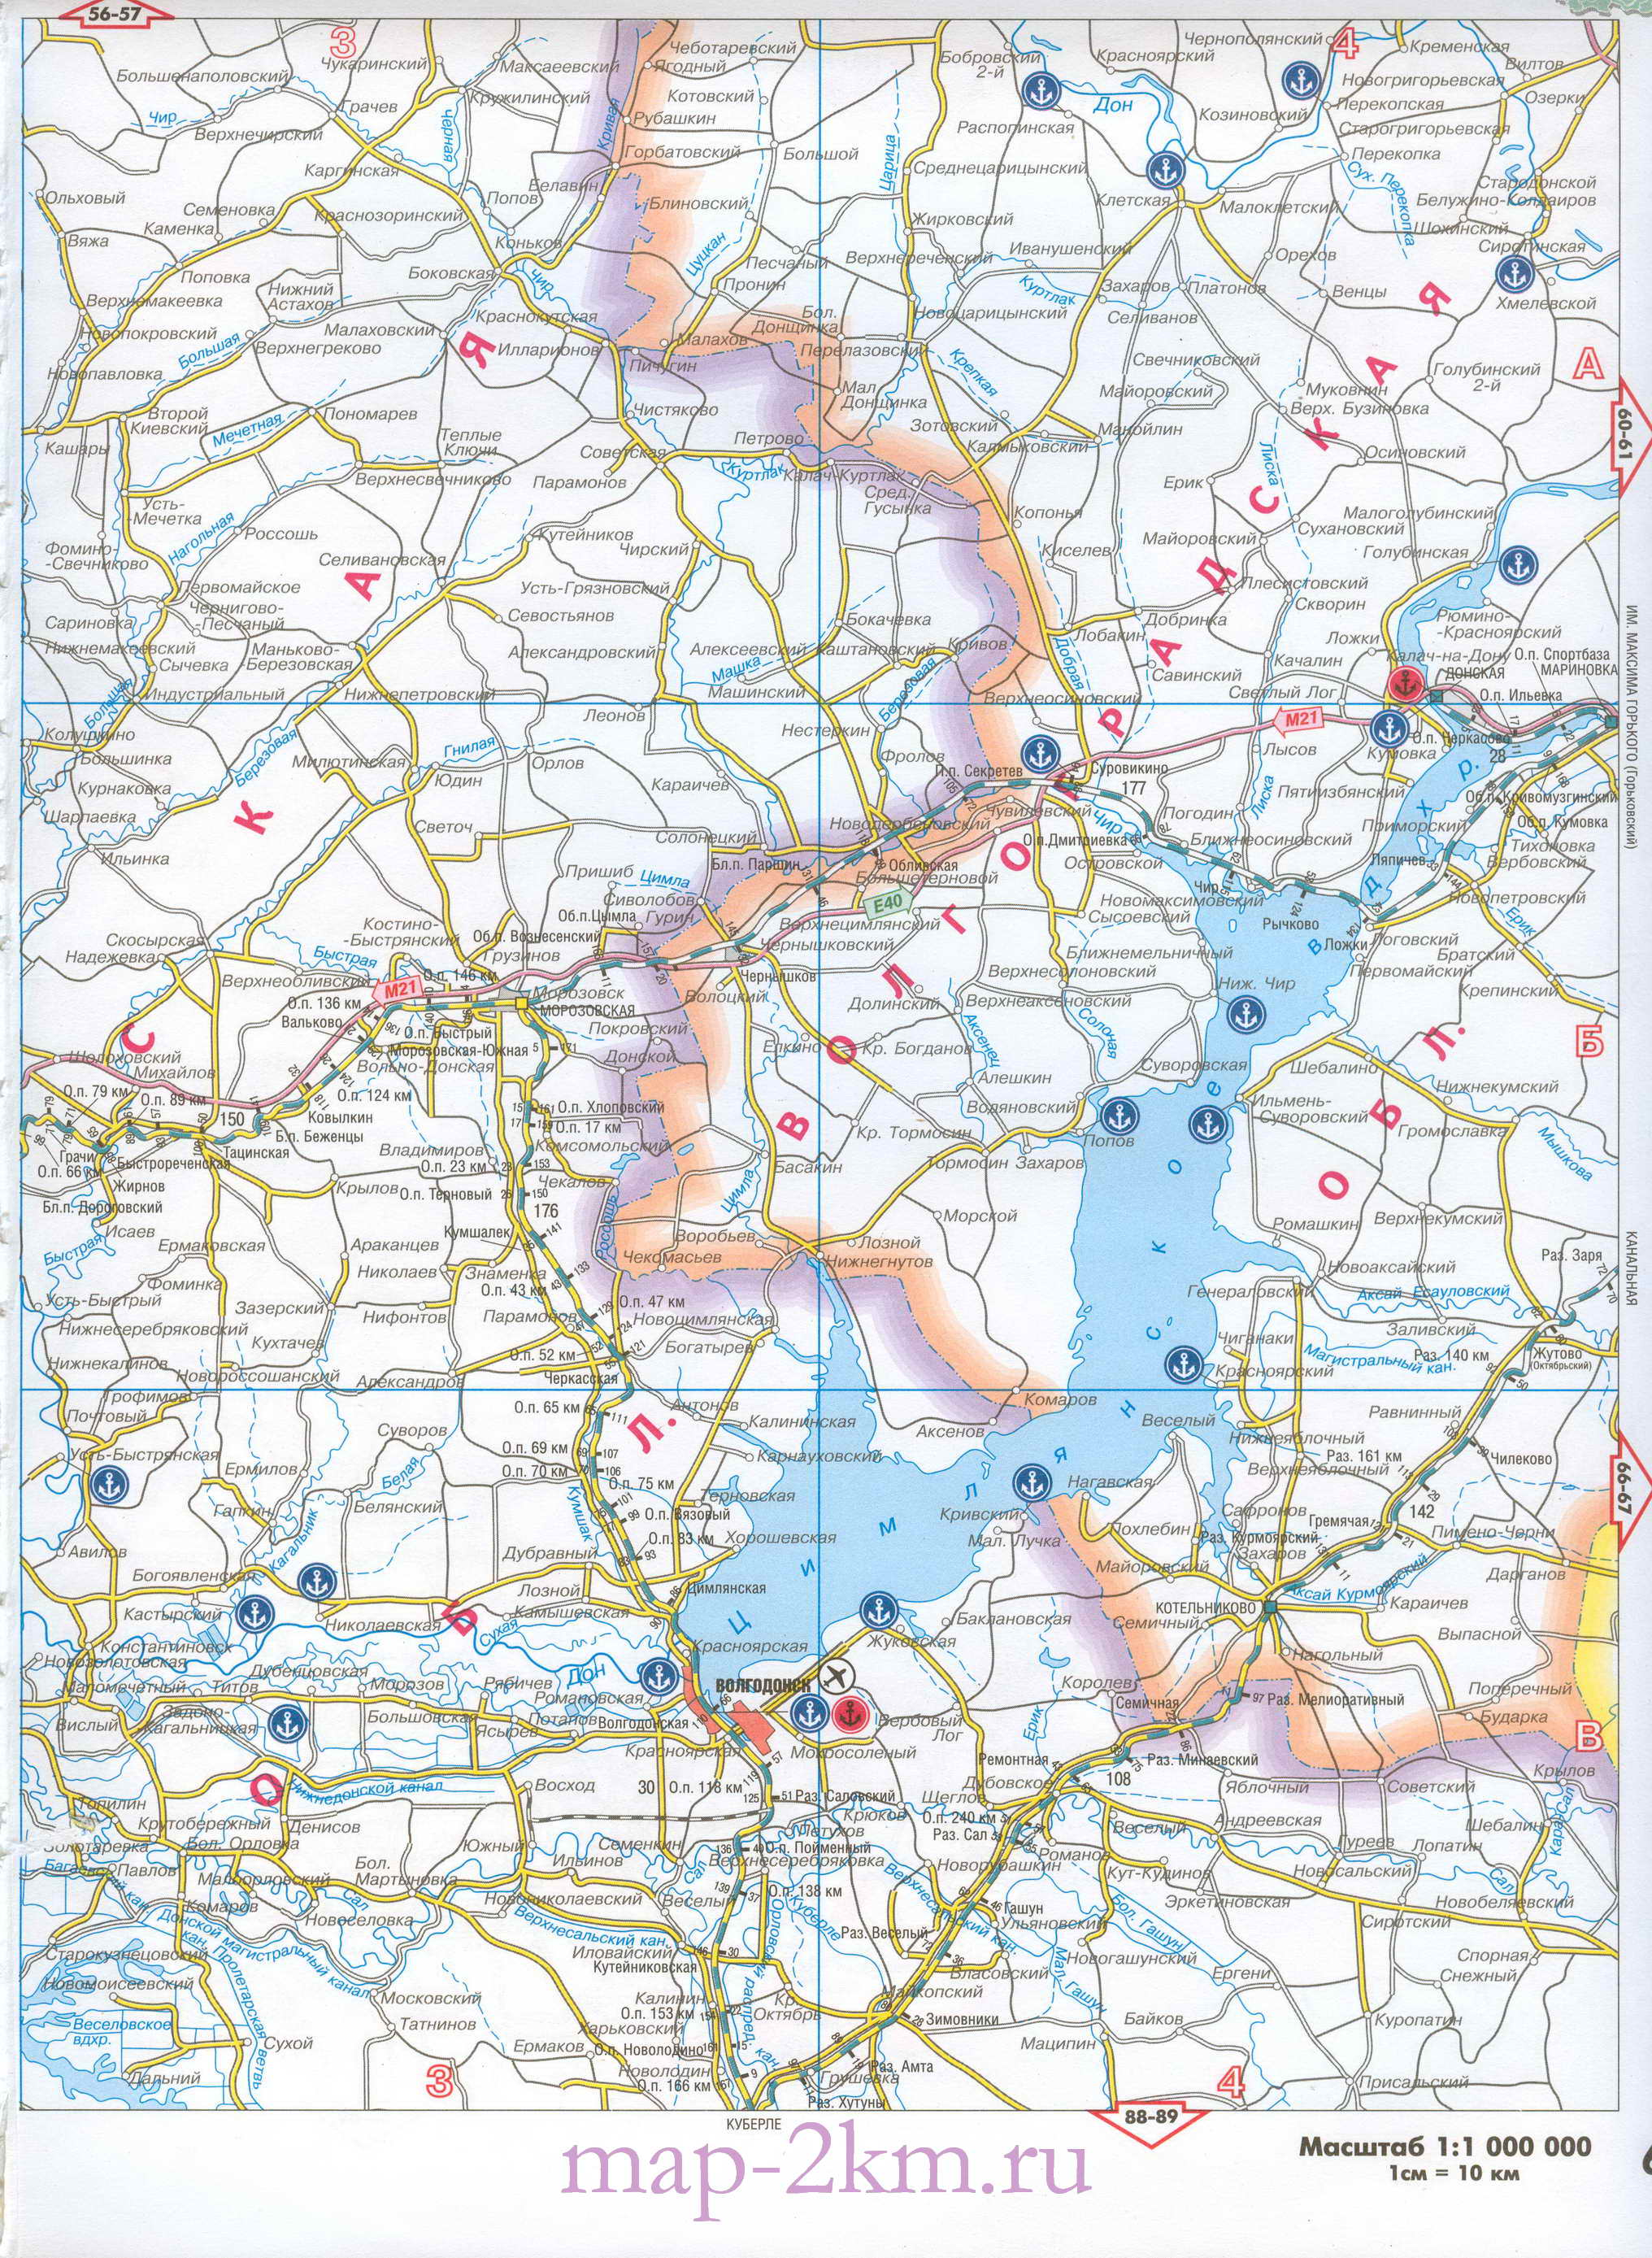 Подробная карта схема автомобильных и жд дорог Ростовской области 1см:10км.